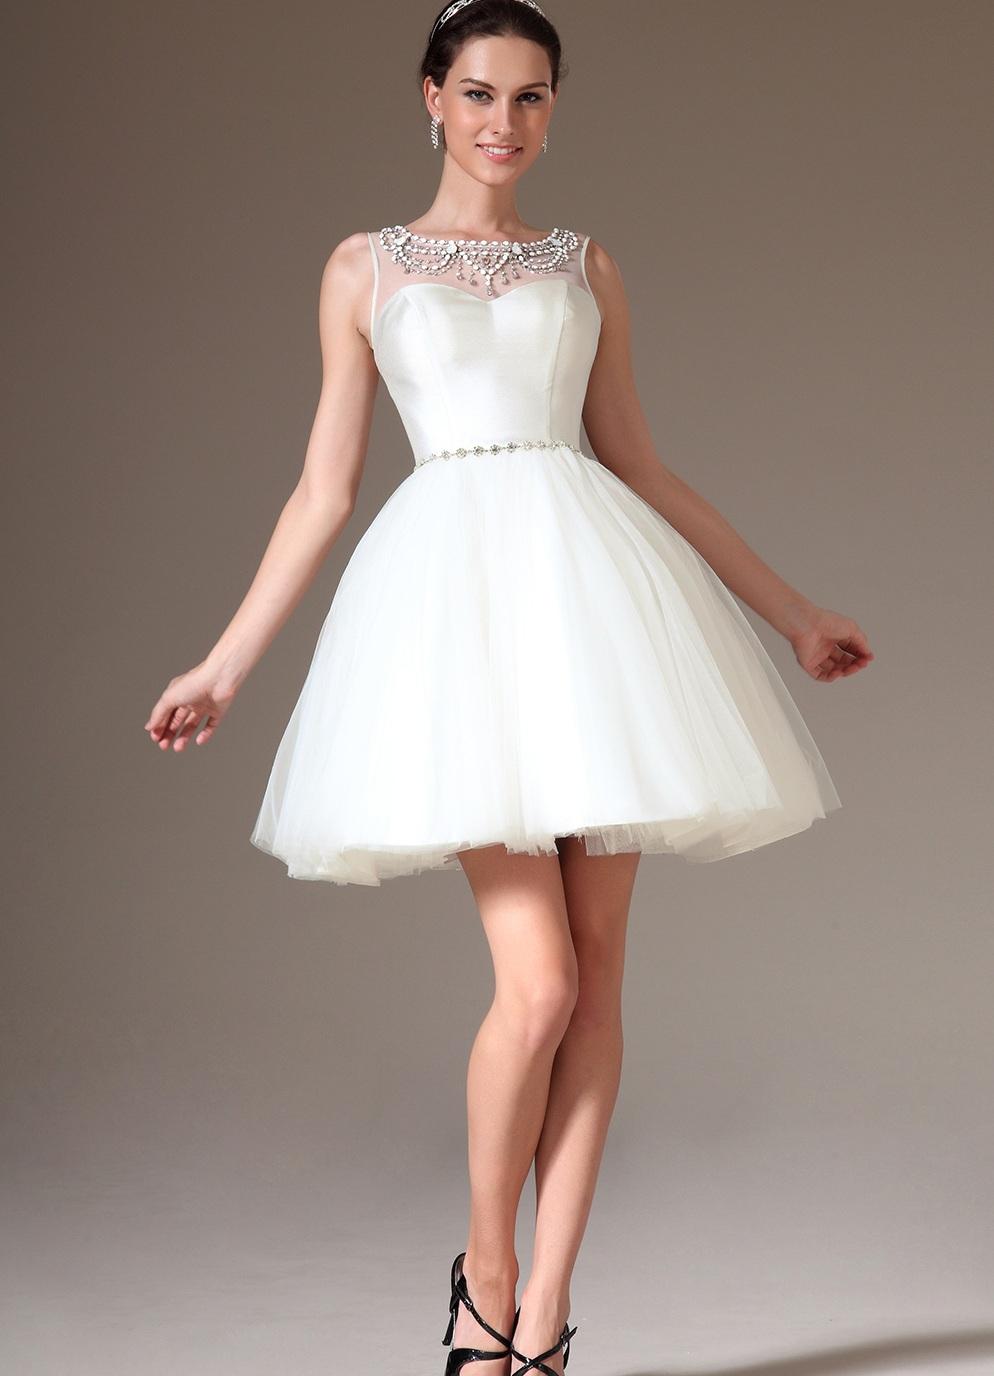 Короткие платья с пышной юбкой на выпускной Платья на Выпускной Короткие Пышные